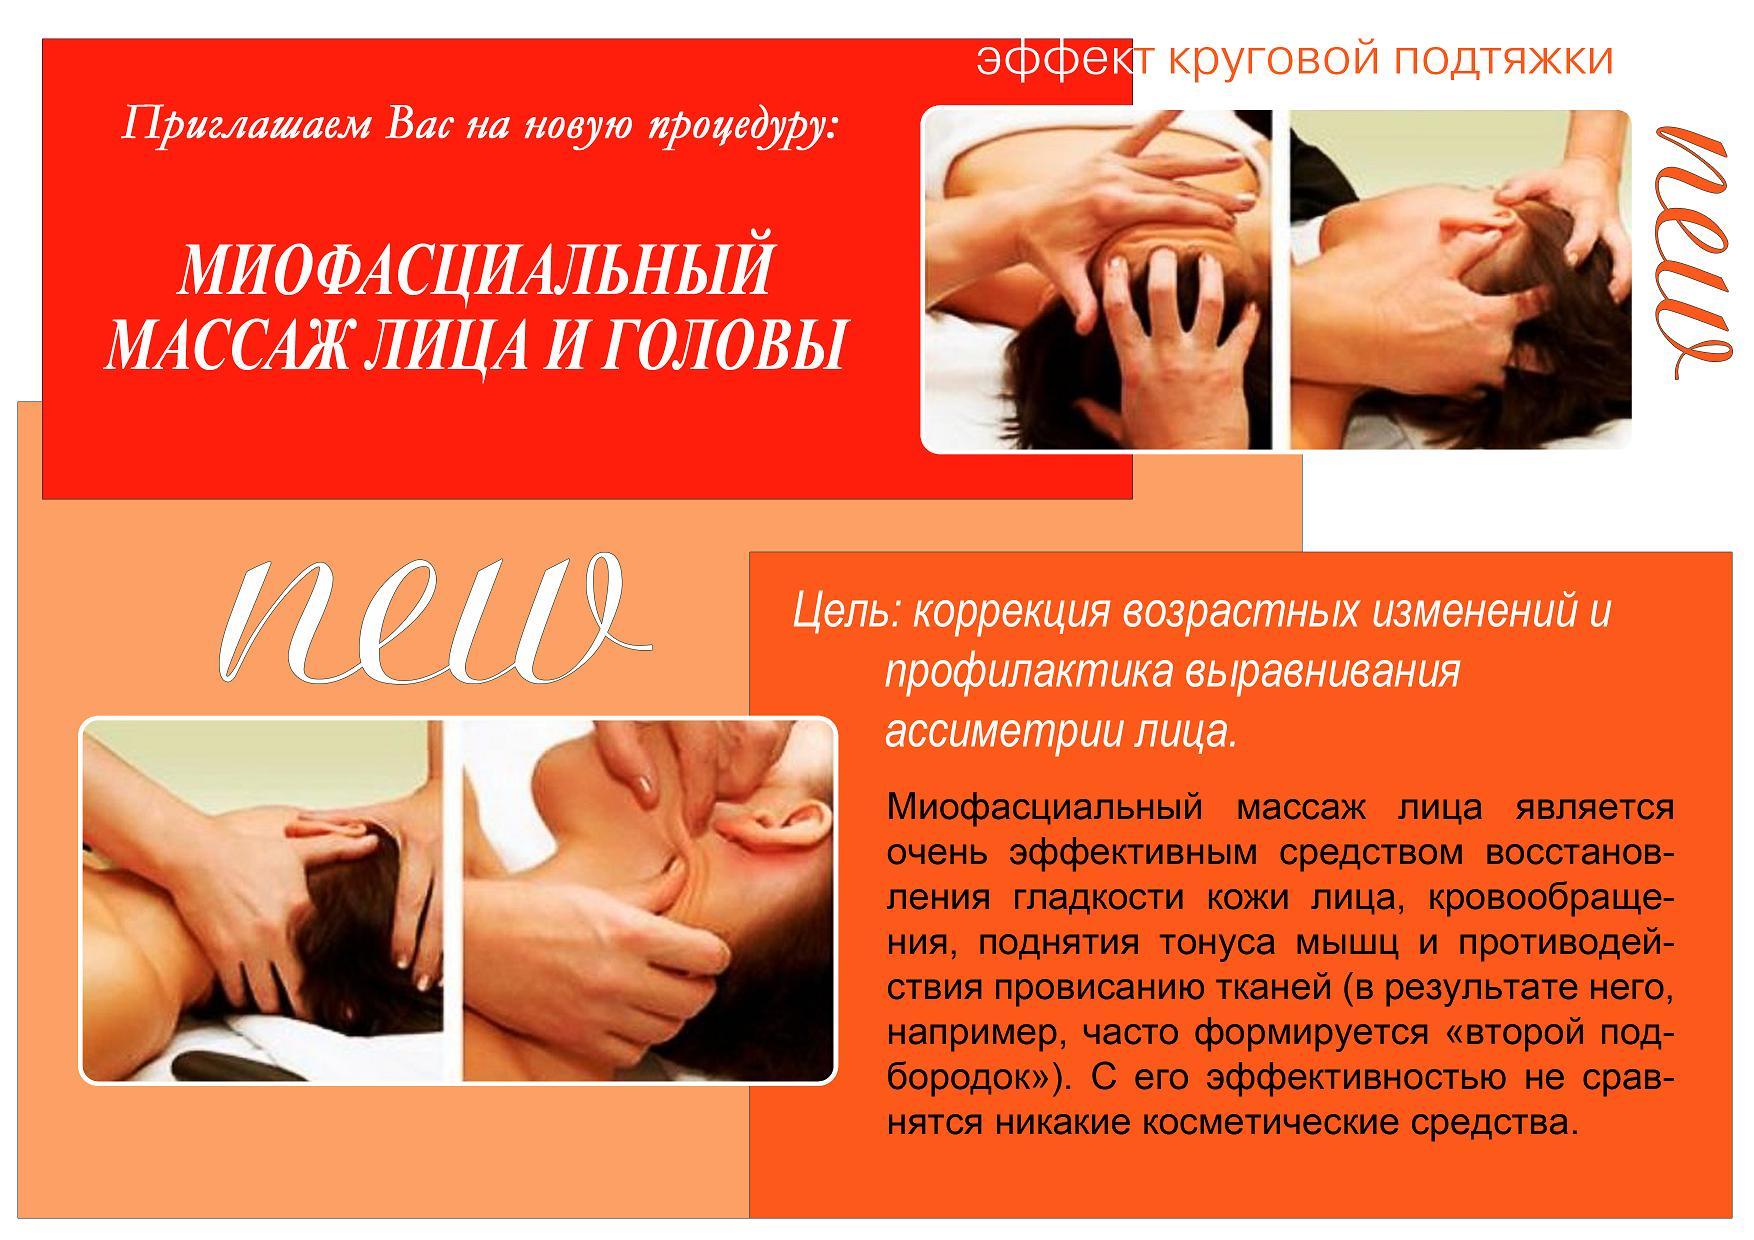 Миофасциальный массаж книга